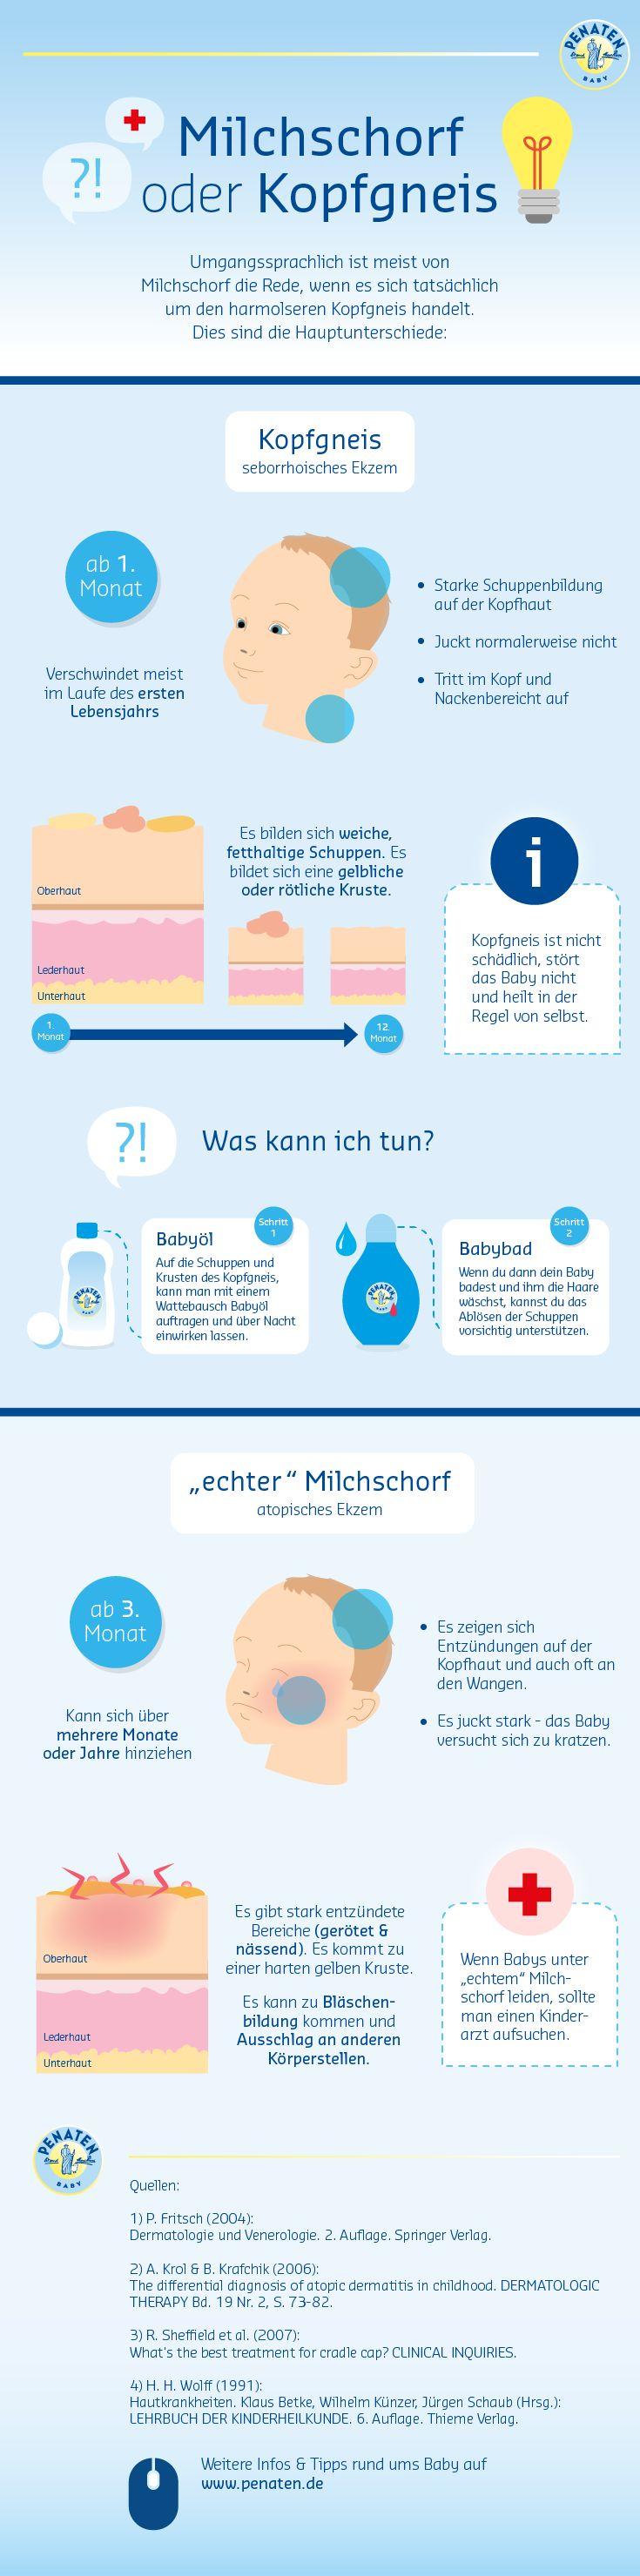 Kennst du eigentlich den Unterschied zwischen Kopfgneis und Milchschorf? Klick…